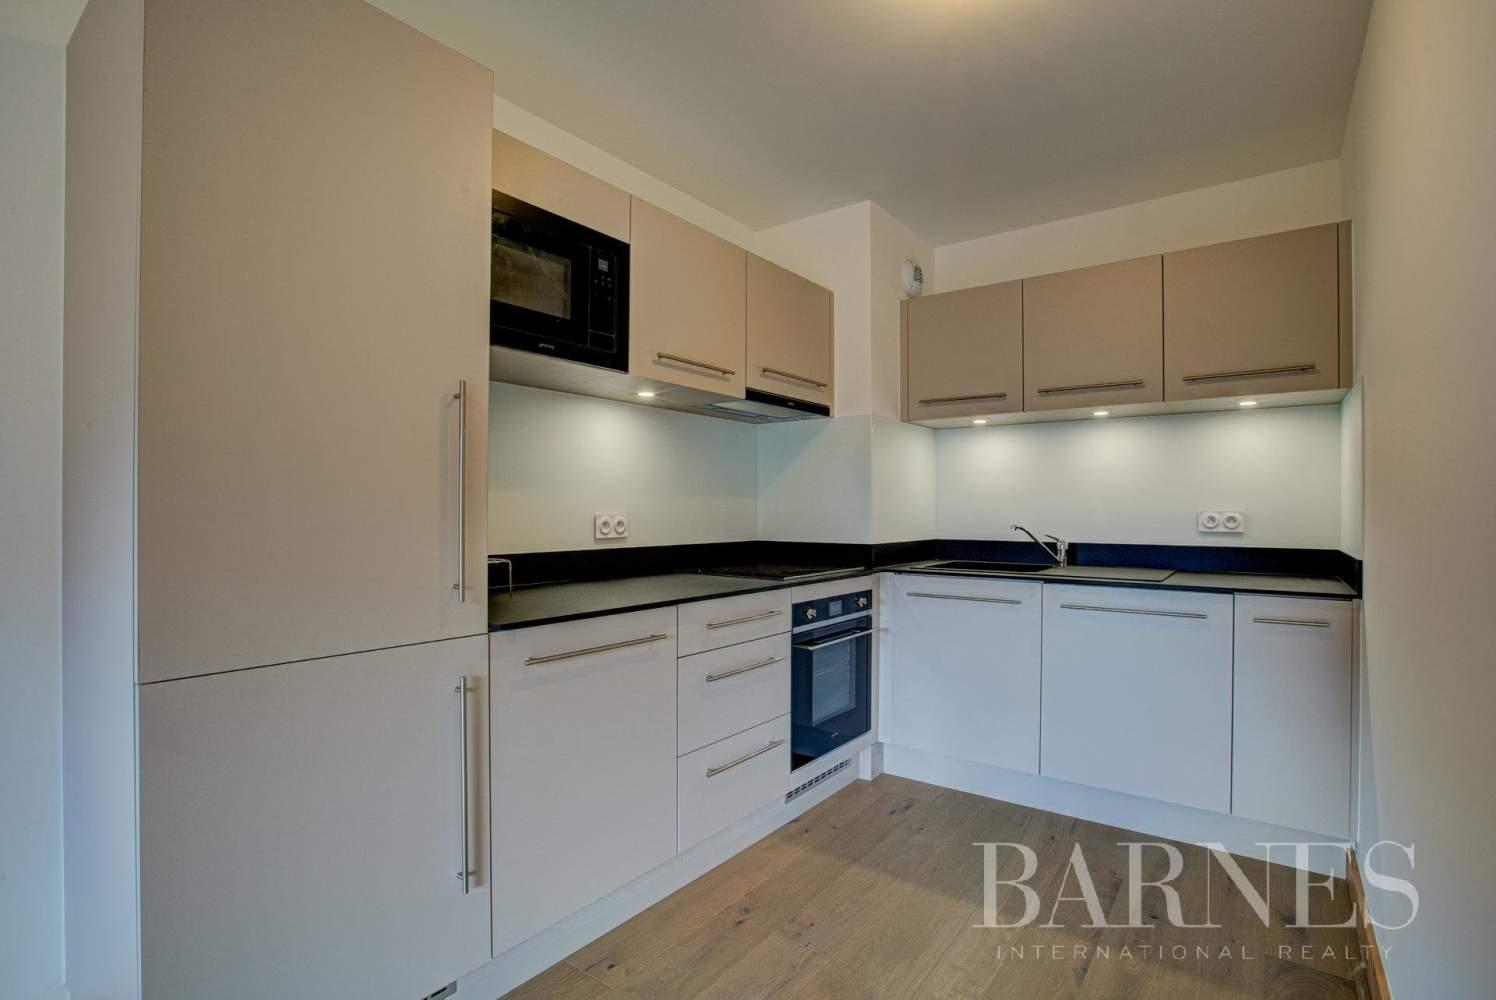 CHAMONIX-Les Praz- bel appartement neuf- 3 chambres-1 coin montagne-2 garages picture 6